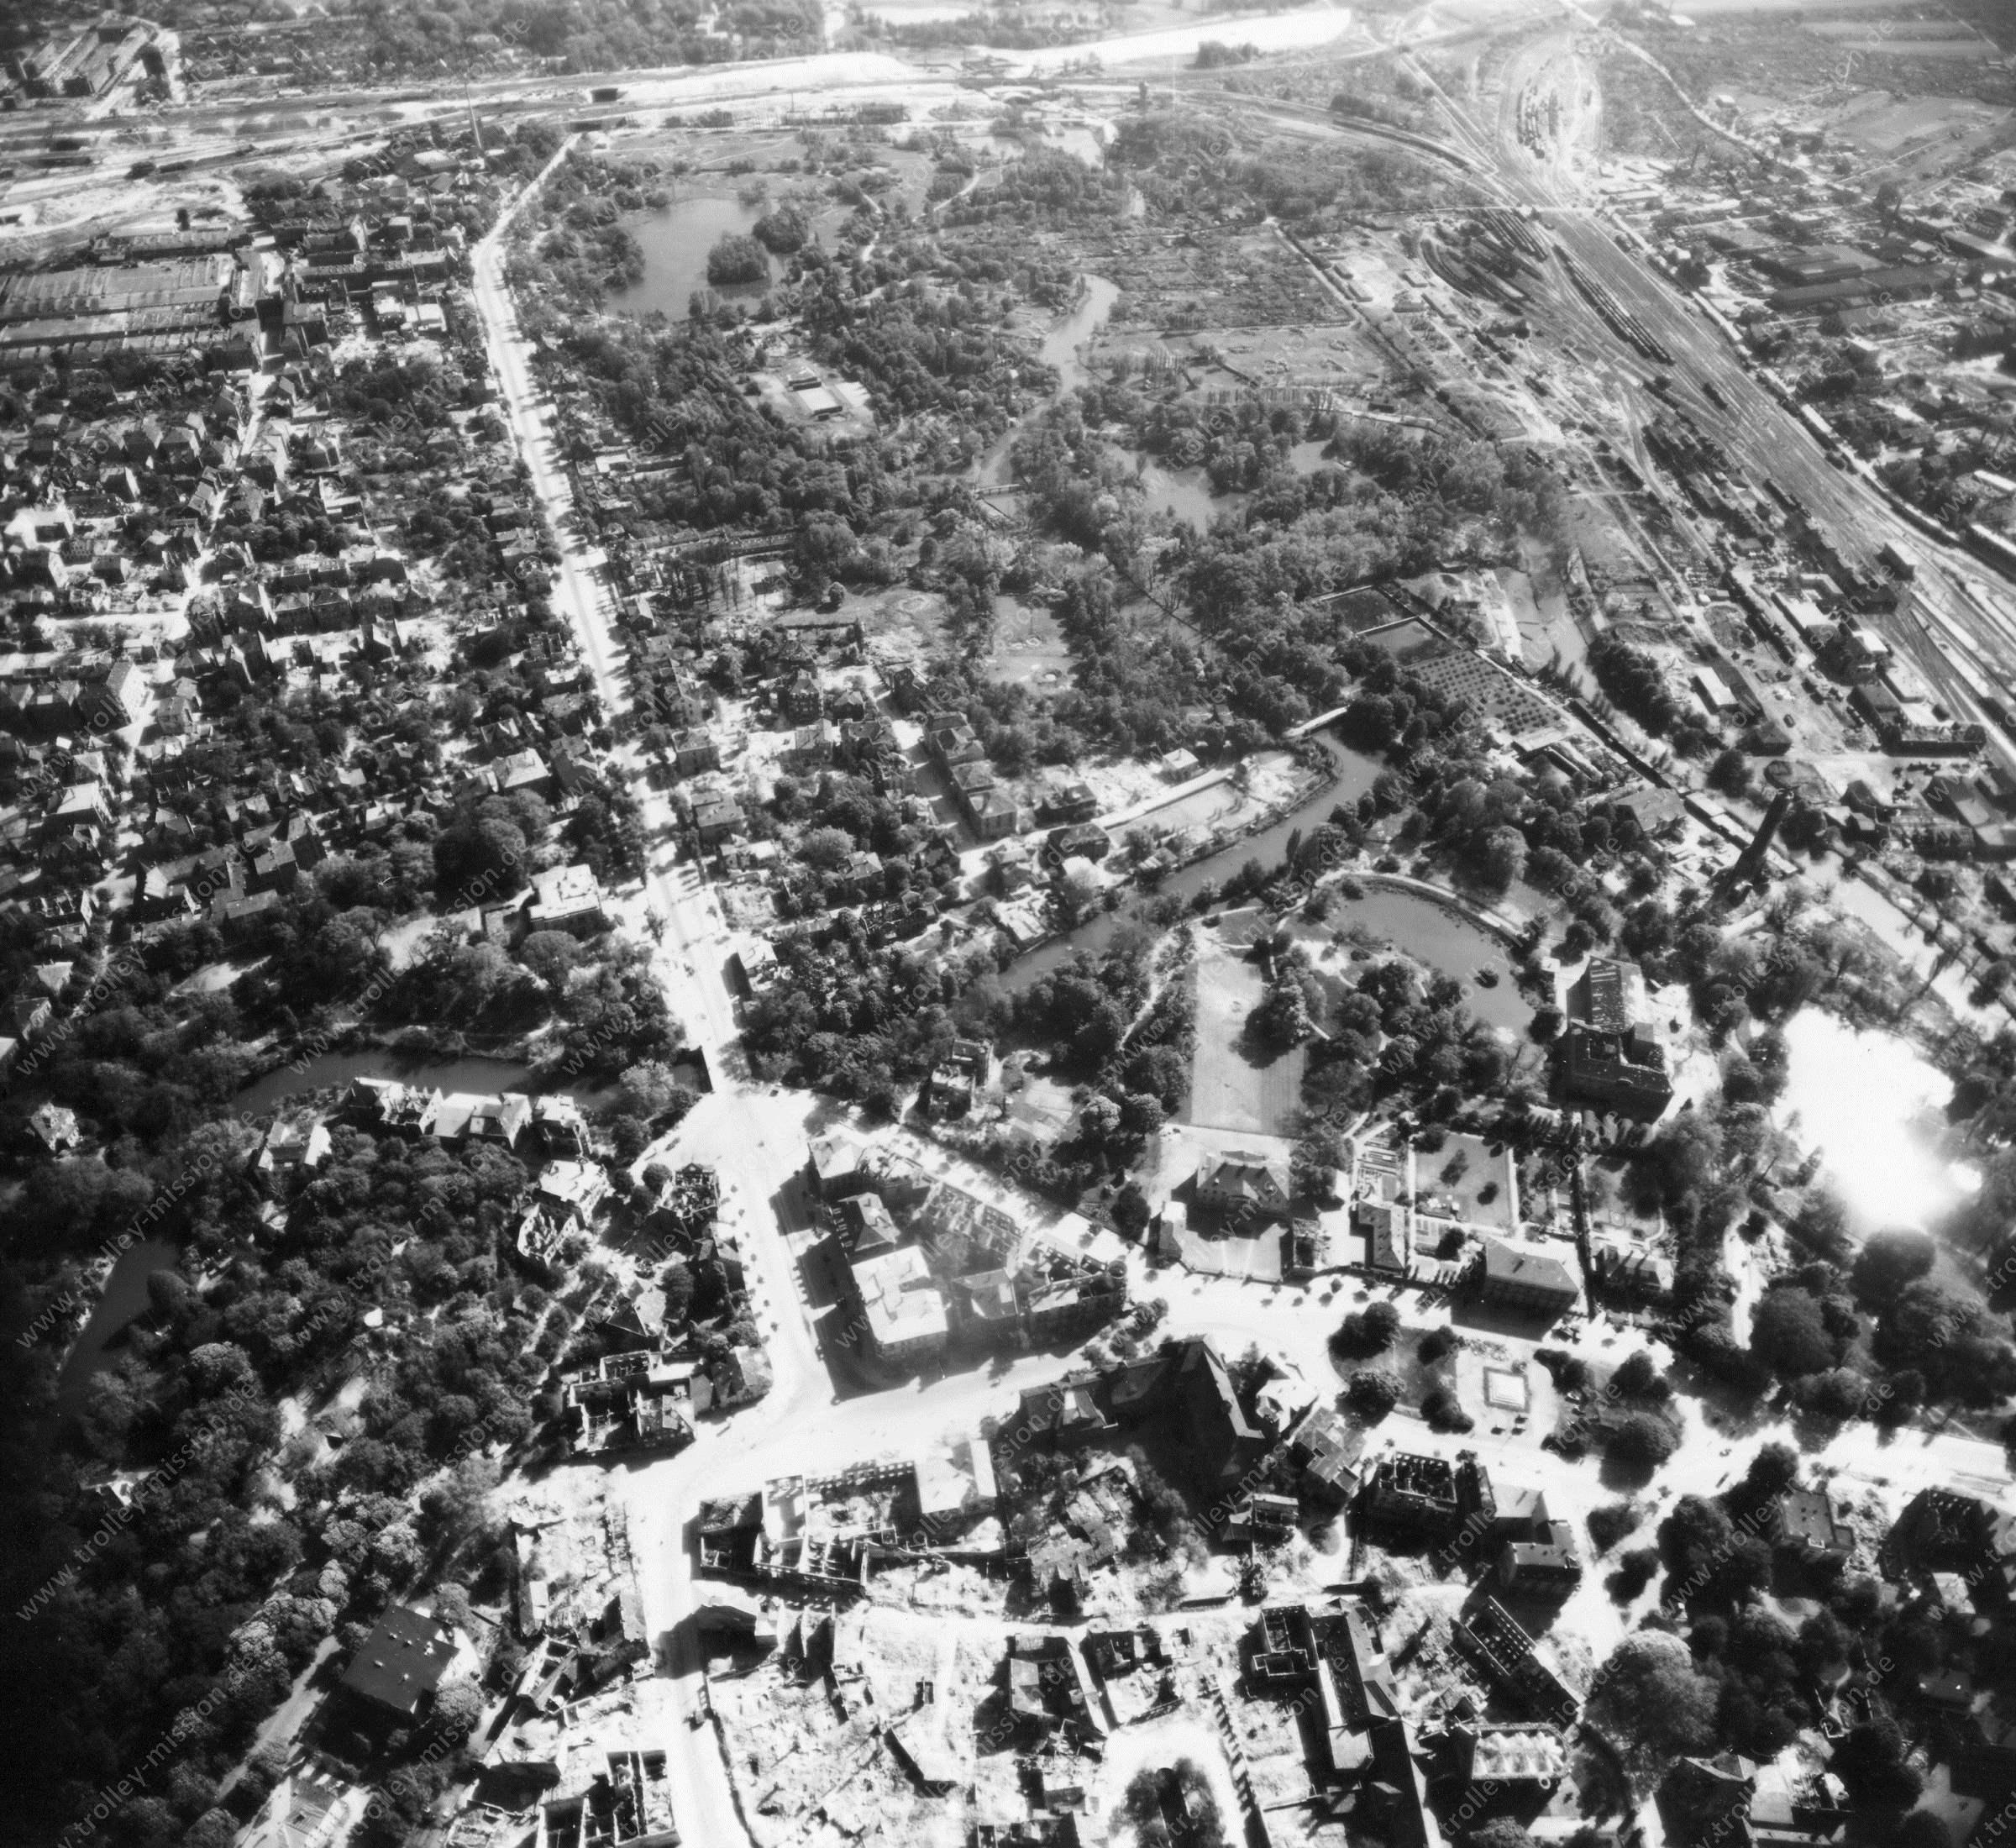 Luftbild von Braunschweig am 12. Mai 1945 - Luftbildserie 9/11 der US Air Force